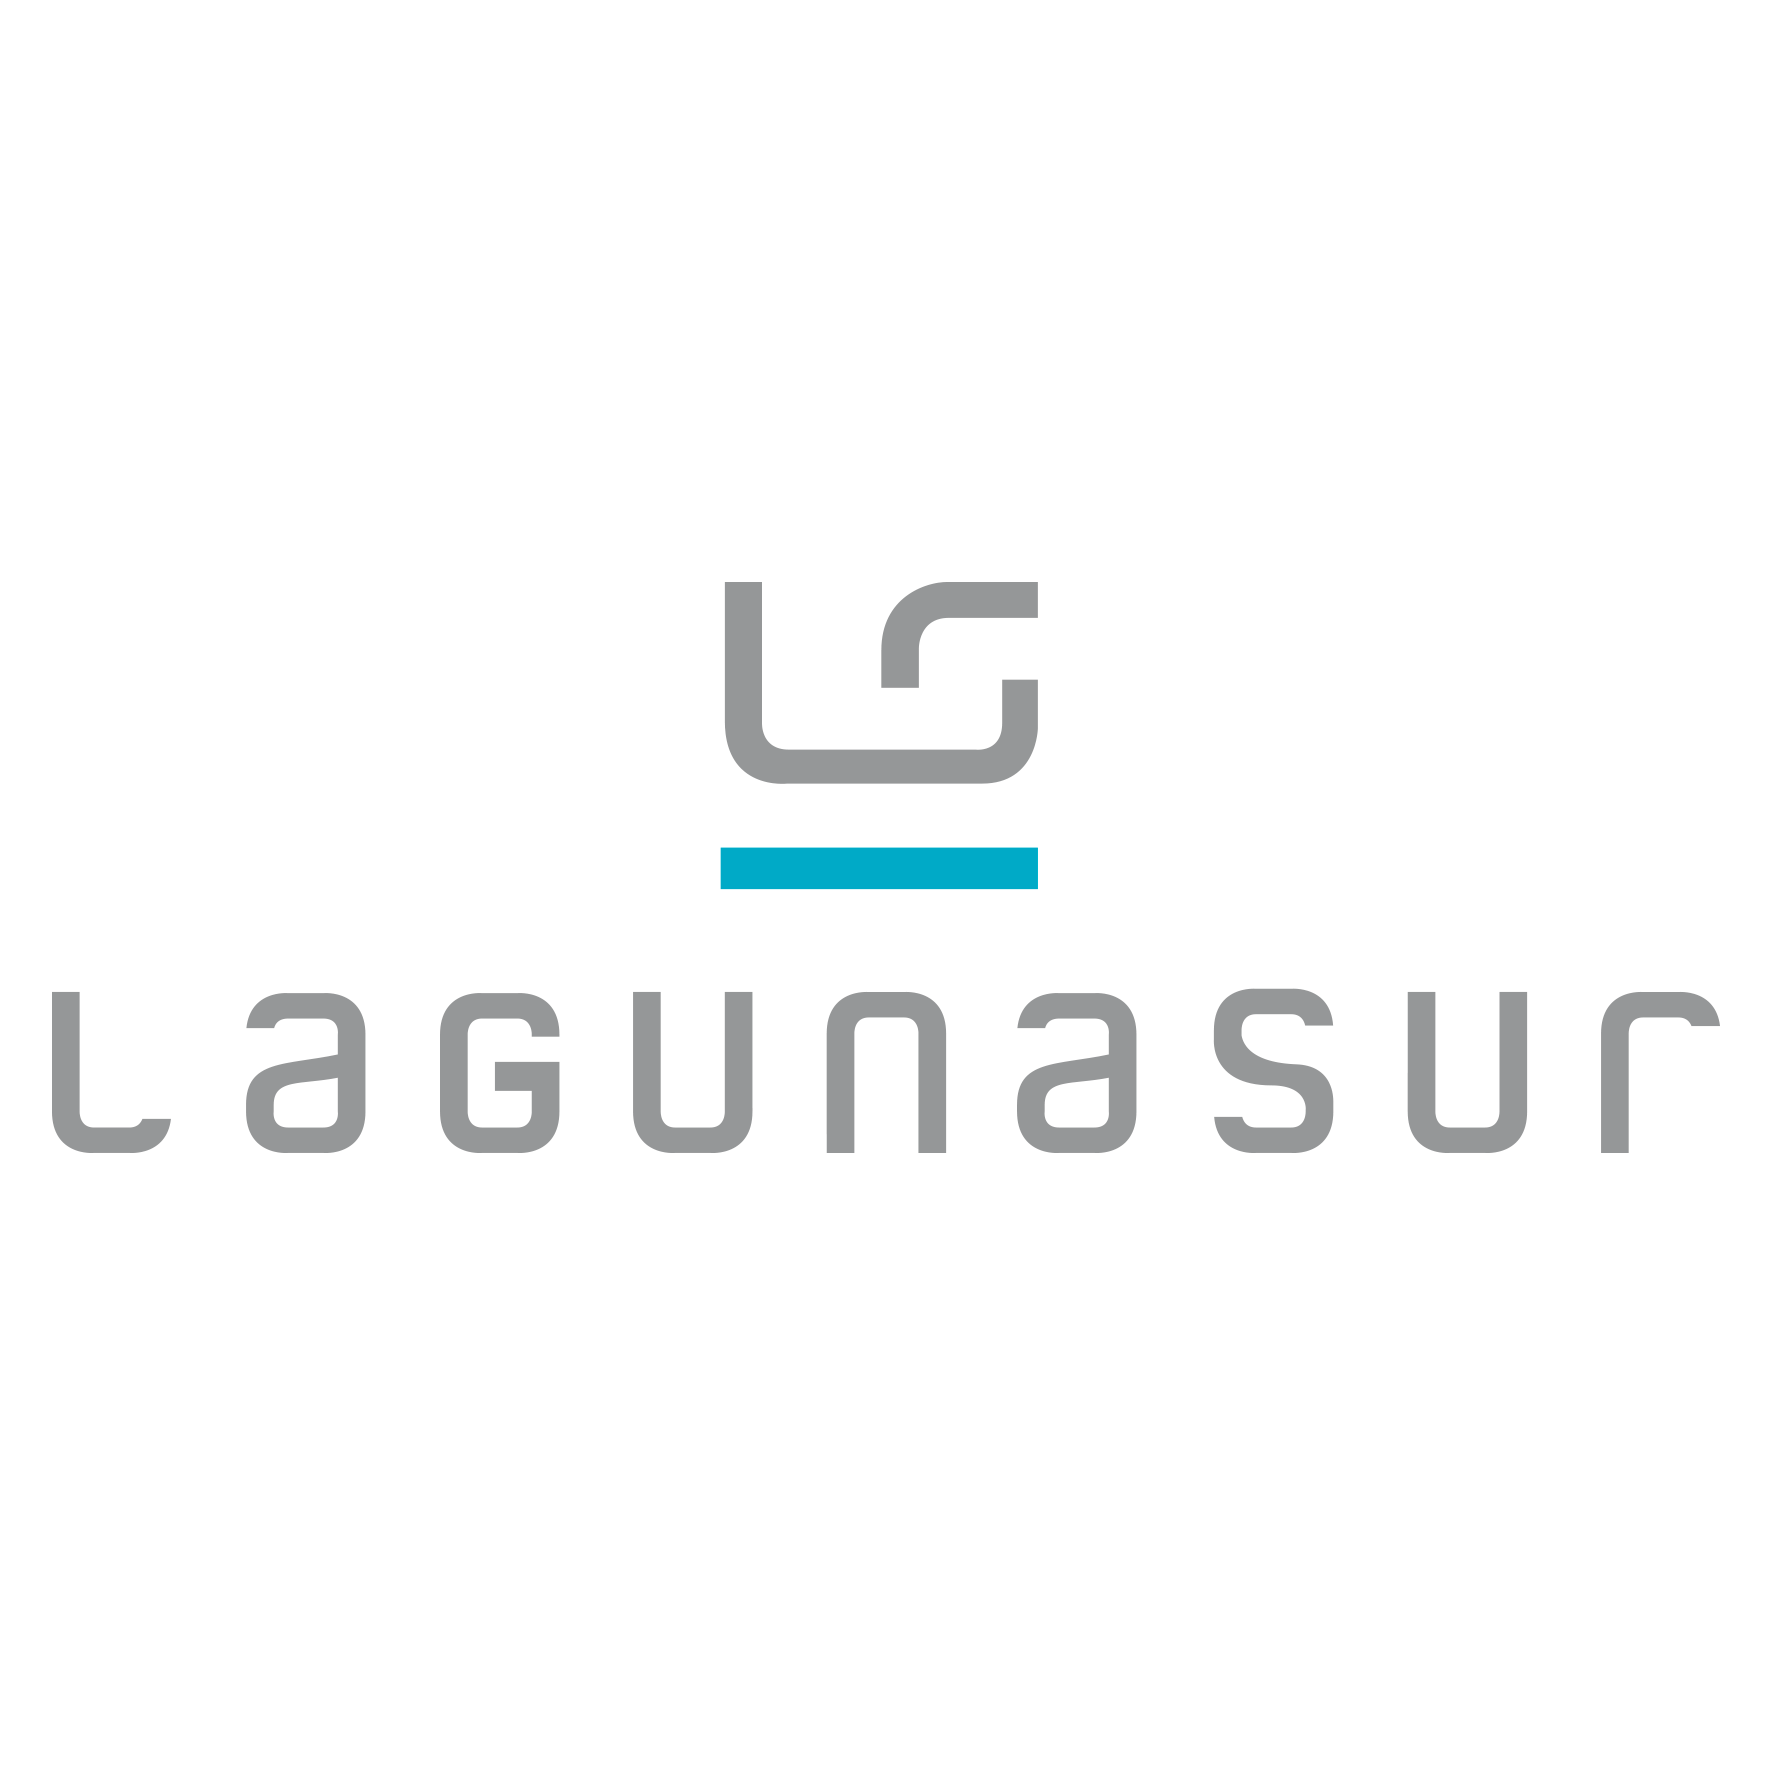 Laguna Sur 01